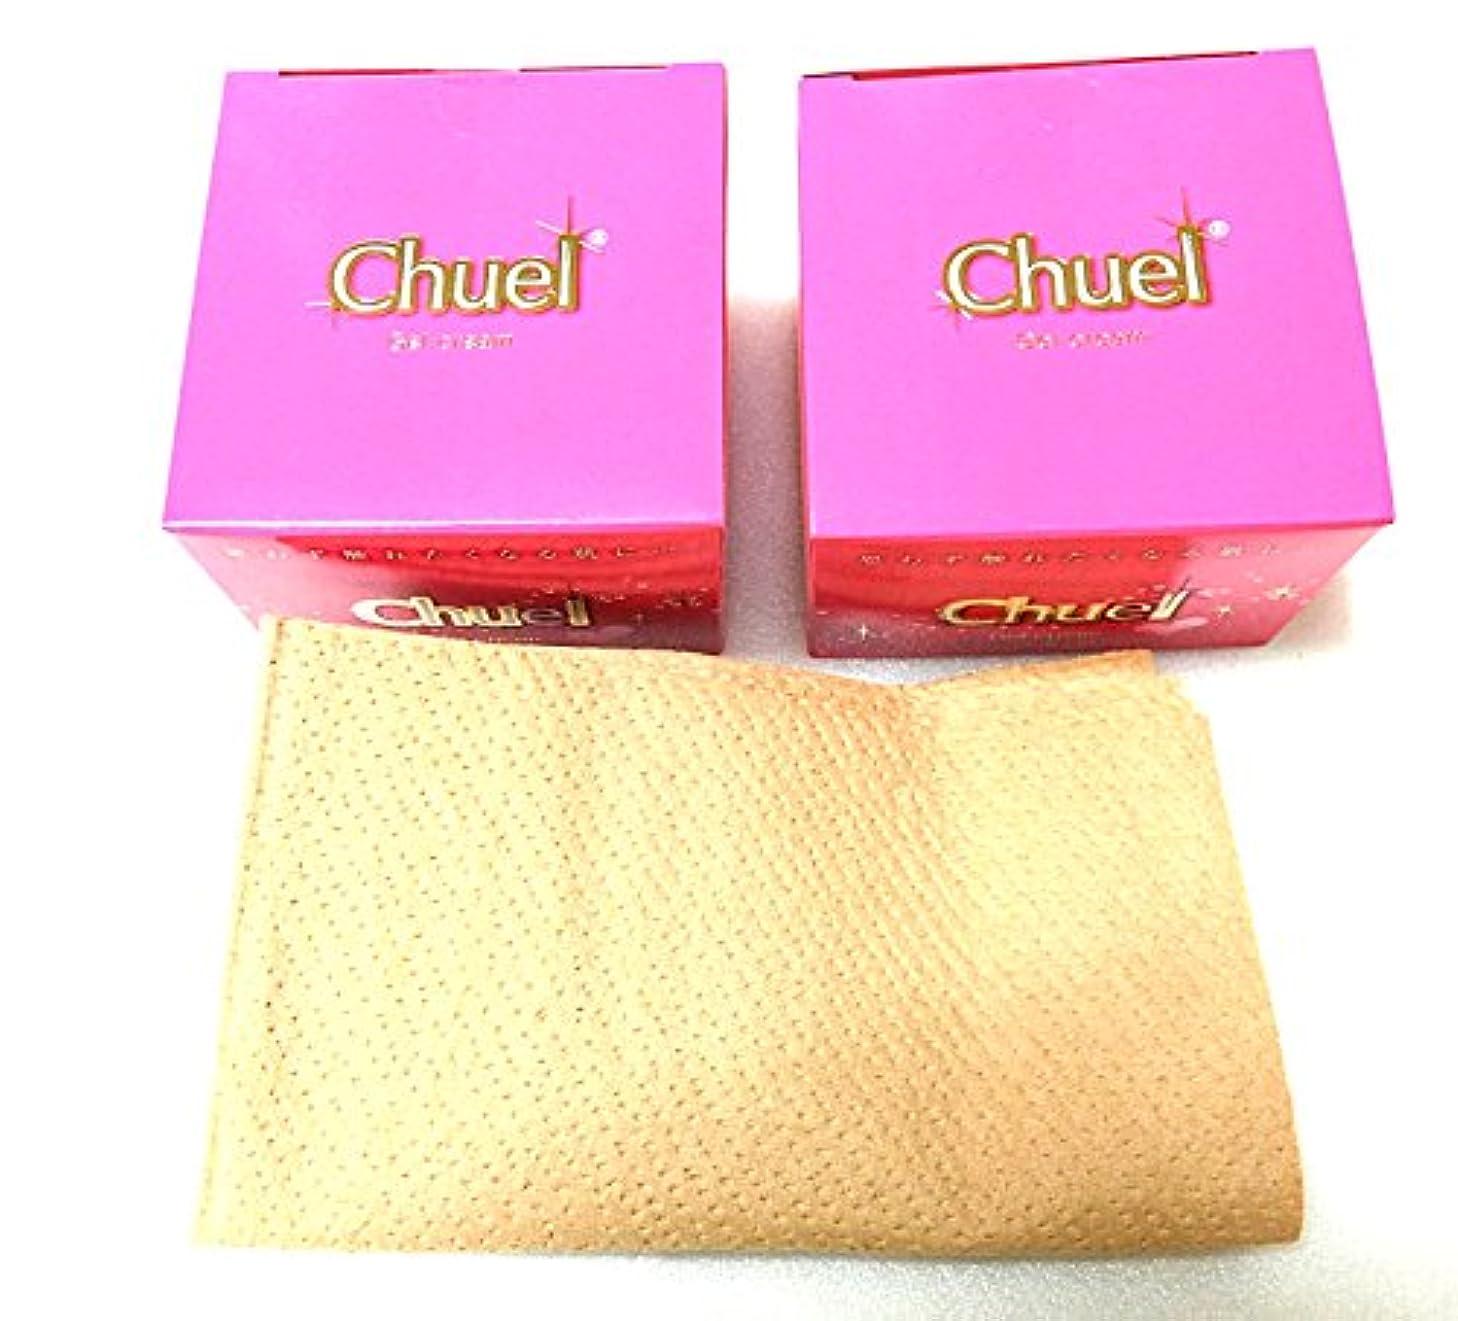 ウガンダ最小シールNEW Chuel(チュエル) 増量 180g 2個セット 使い捨て紙ウエス1枚付属